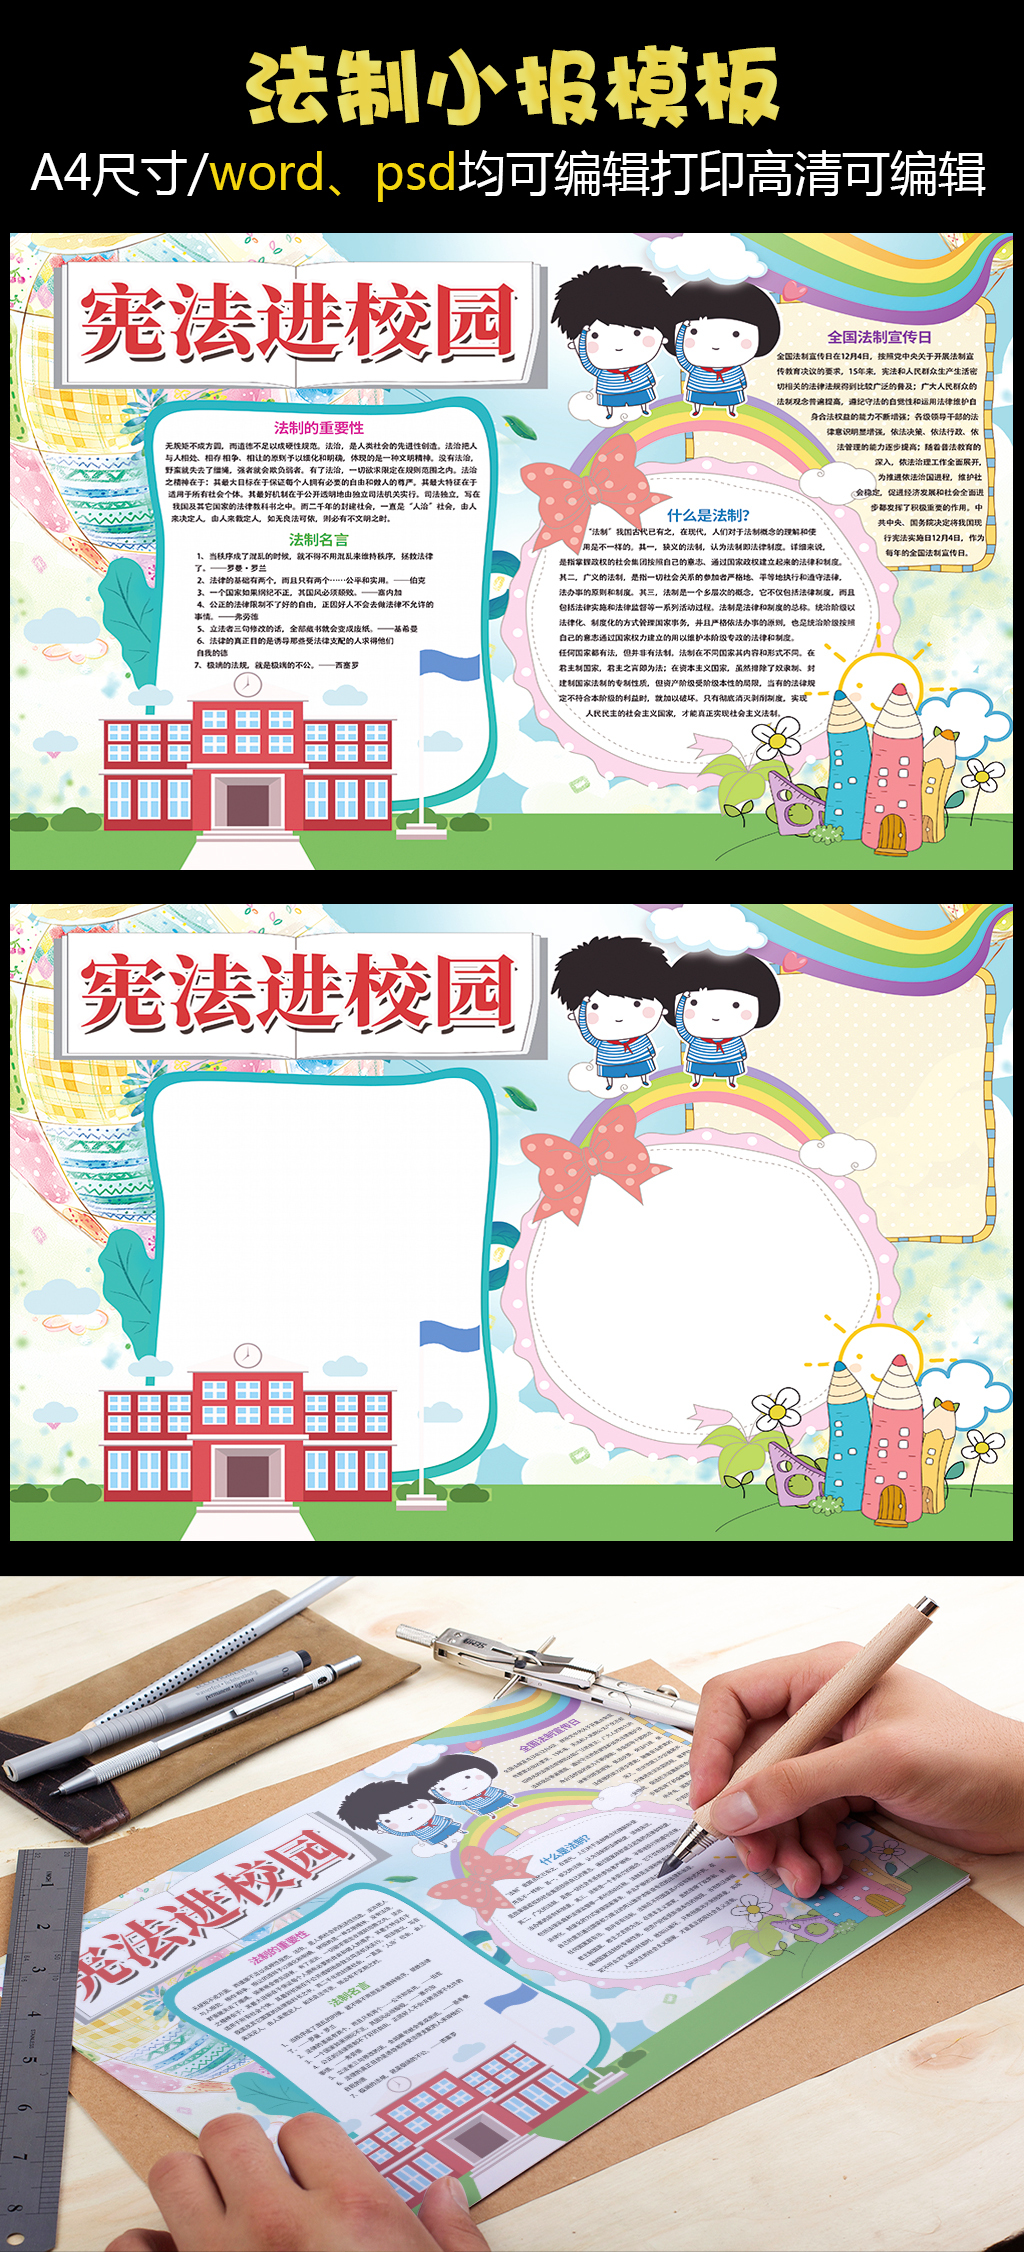 法制小报宪法进校园小报模板图片设计素材 高清PSD下载 197.65MB